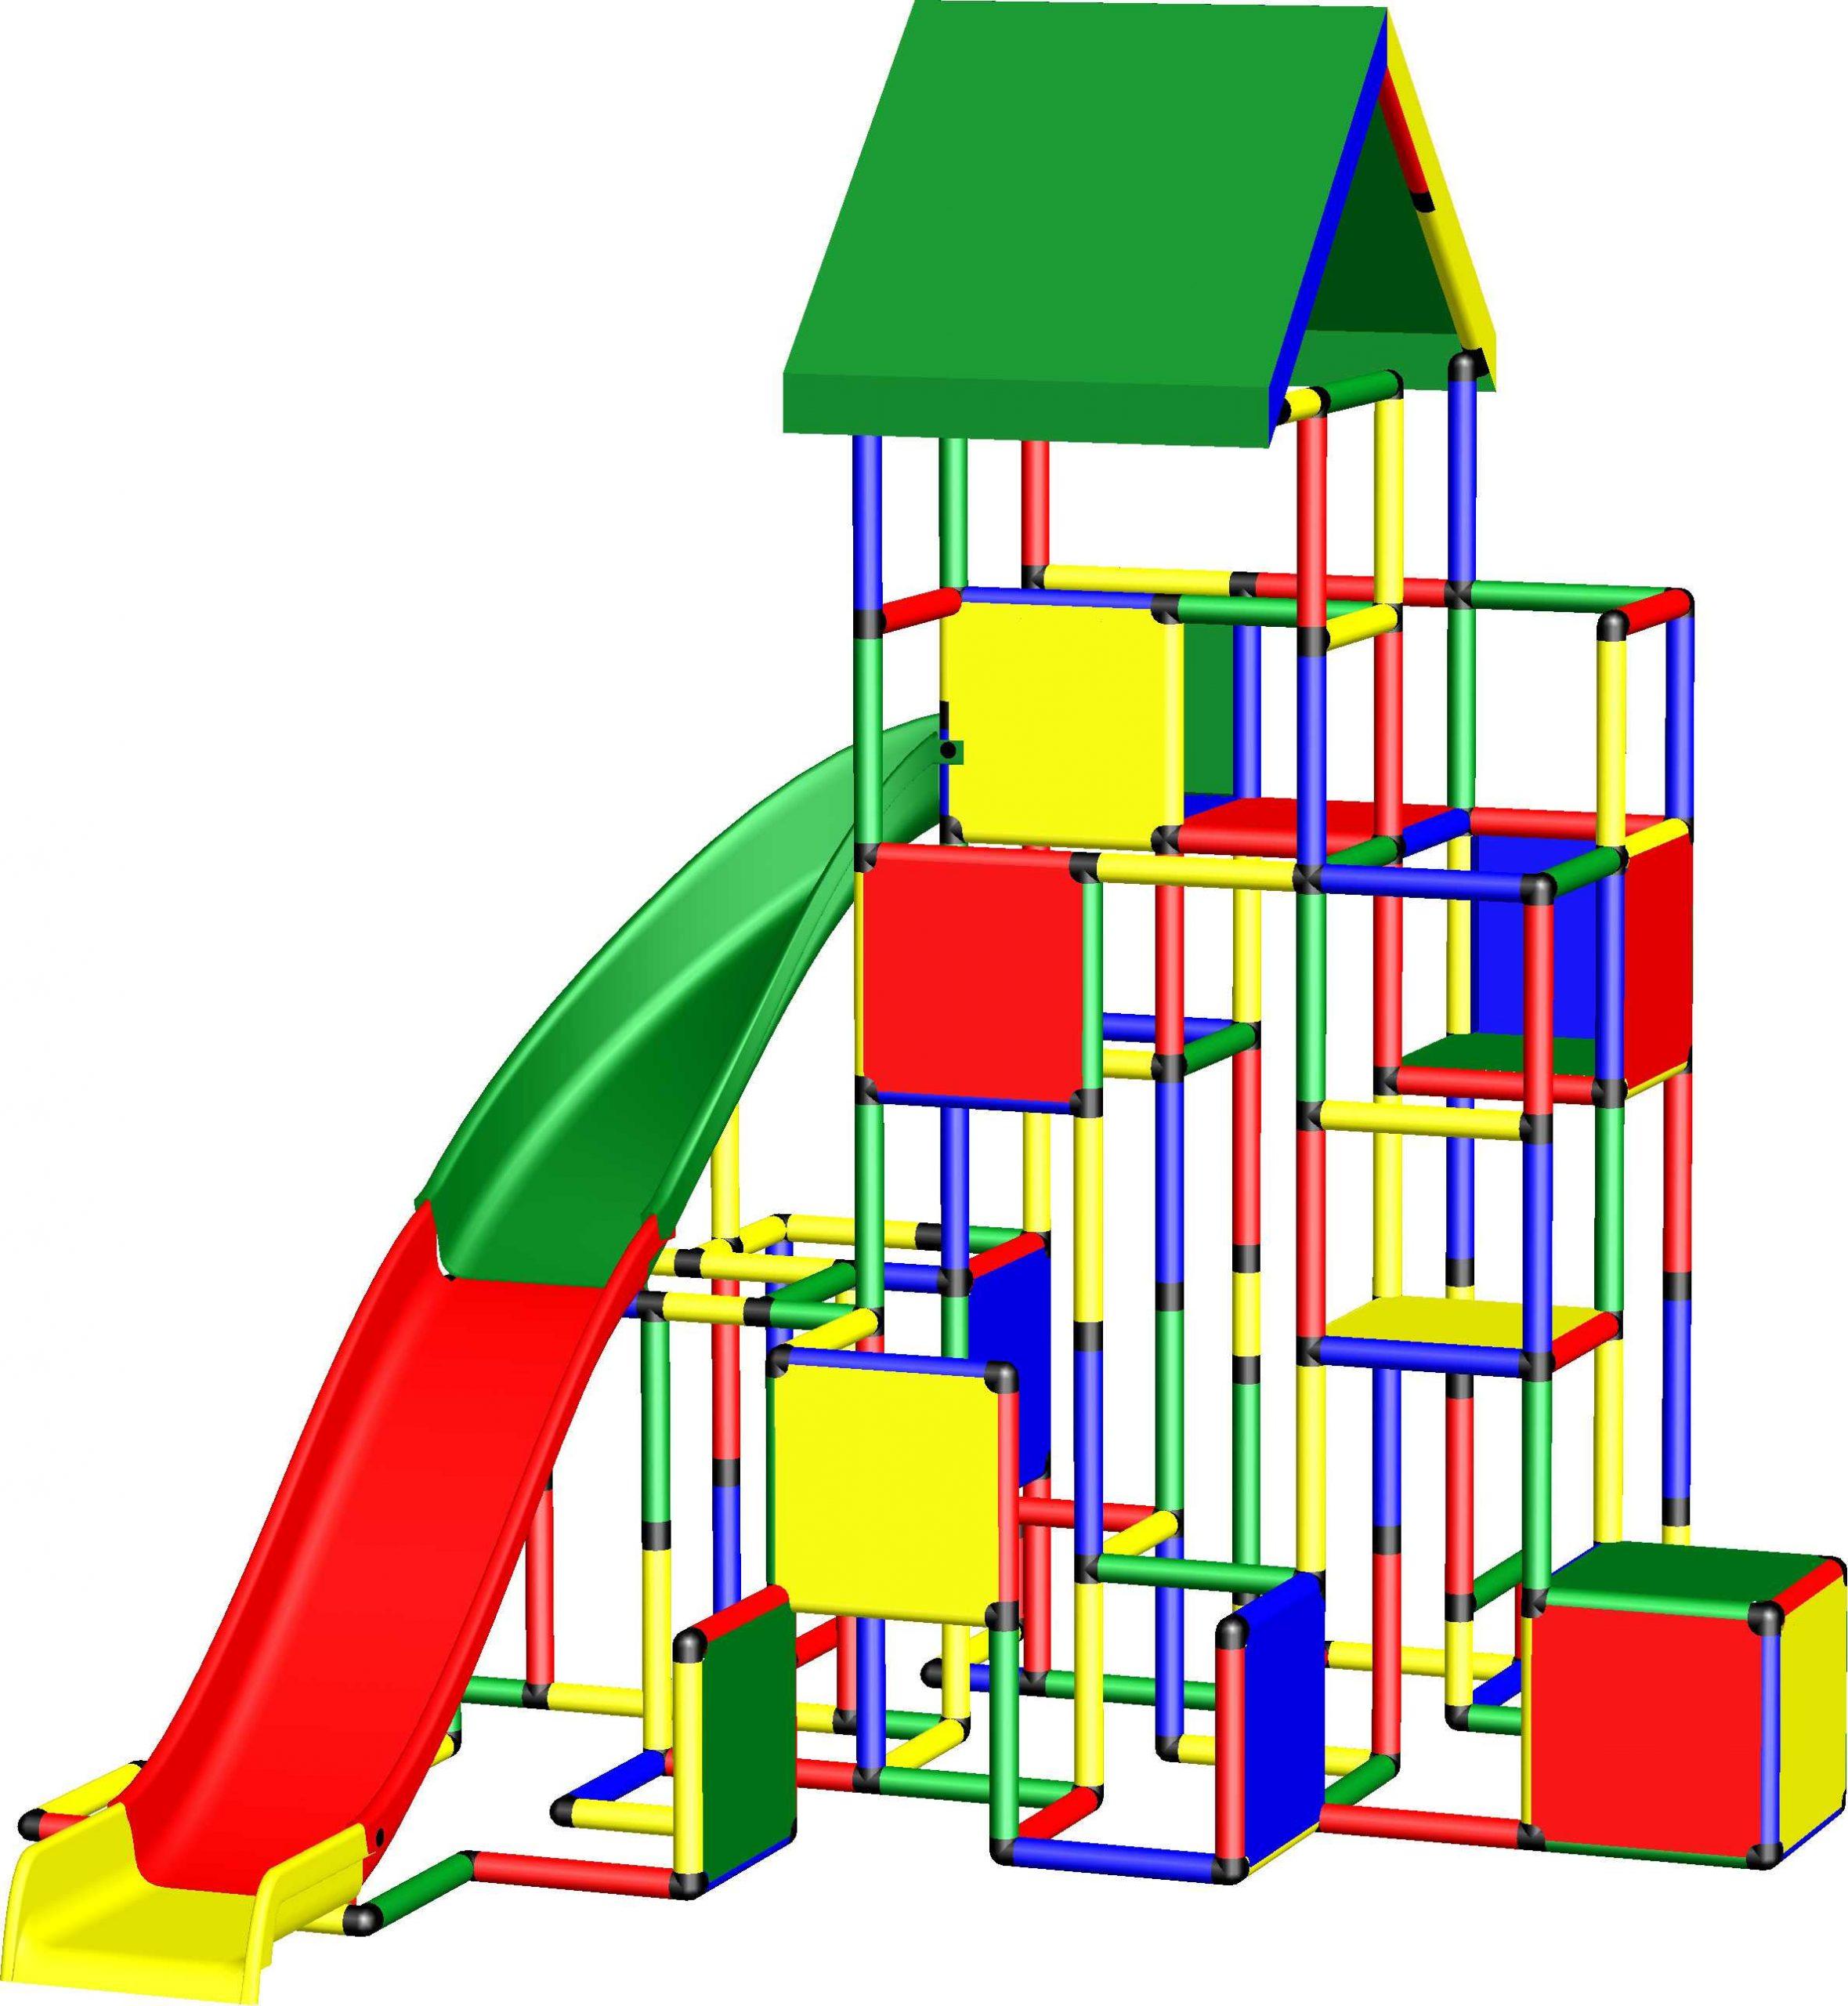 Full Size of Kletterpyramide Grobaukasten Quadro World Klettergerüst Garten Wohnzimmer Quadro Klettergerüst